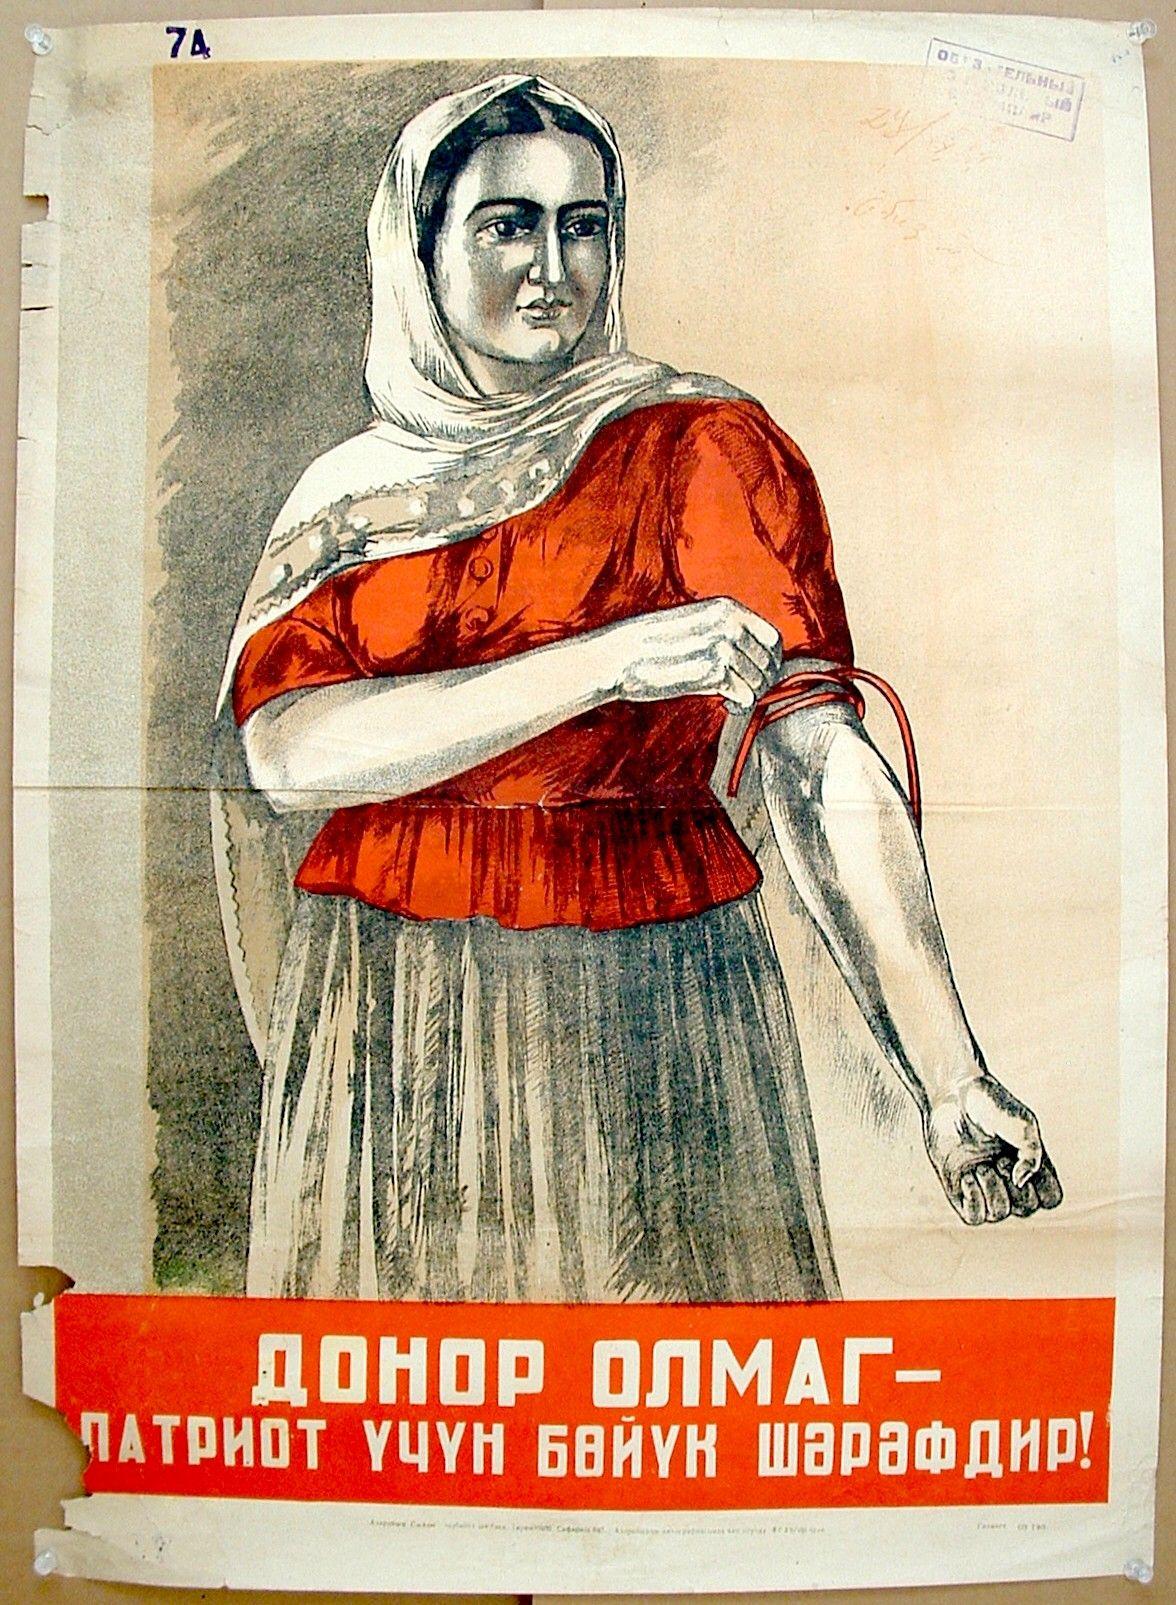 Épinglé sur Vintage Propaganda posters